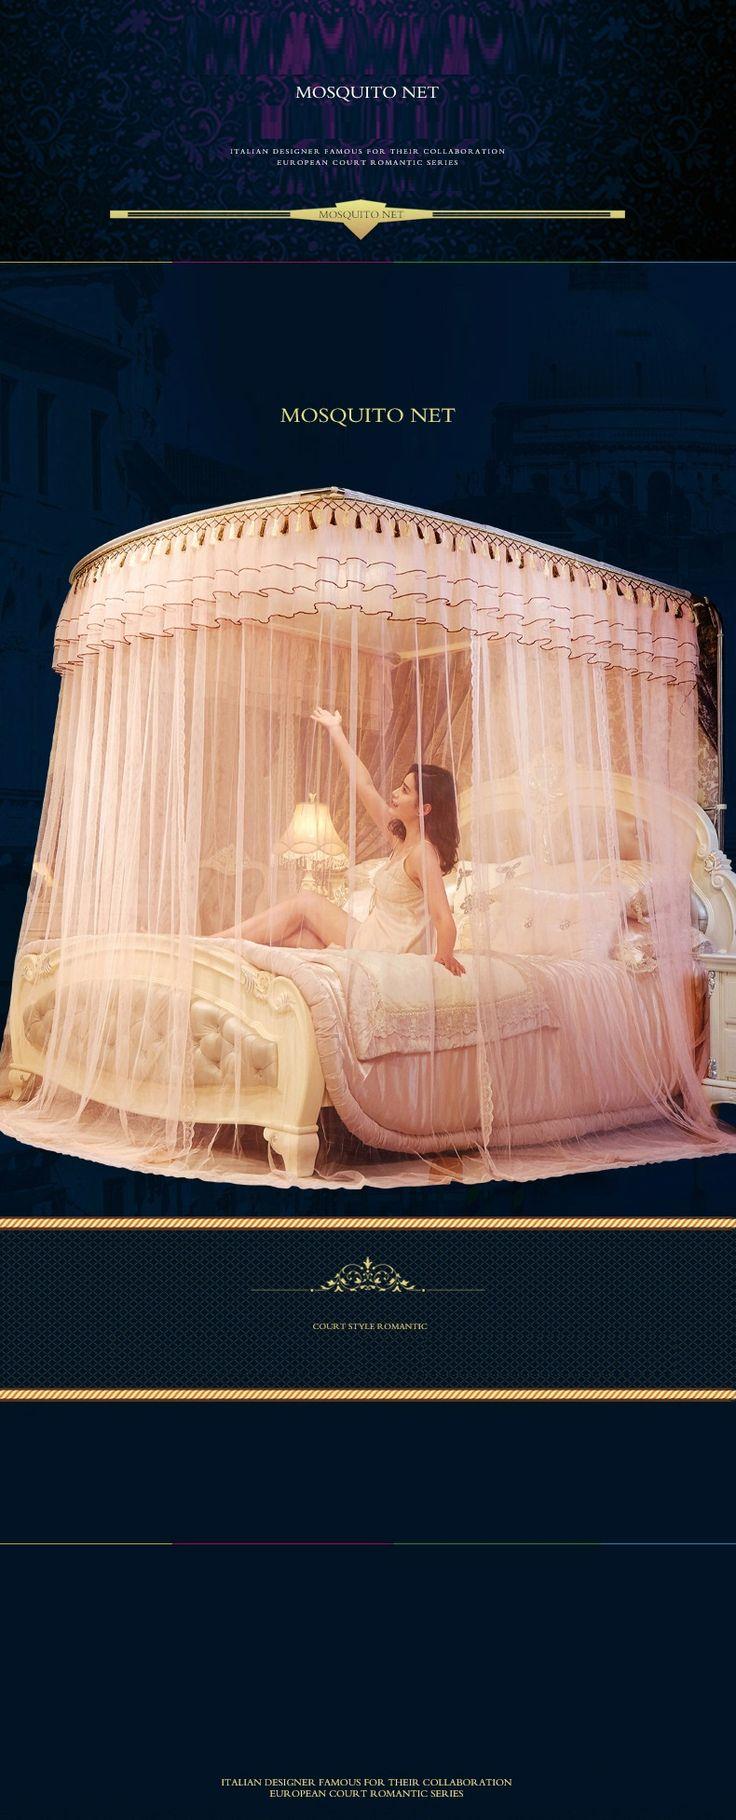 BB # Швейцарский сна И телескопического типа москитная сетка три двери из нержавеющей стали напольная подставка двойной 1.5m1.8m 2 м 2.2 кровать дома купить на AliExpress